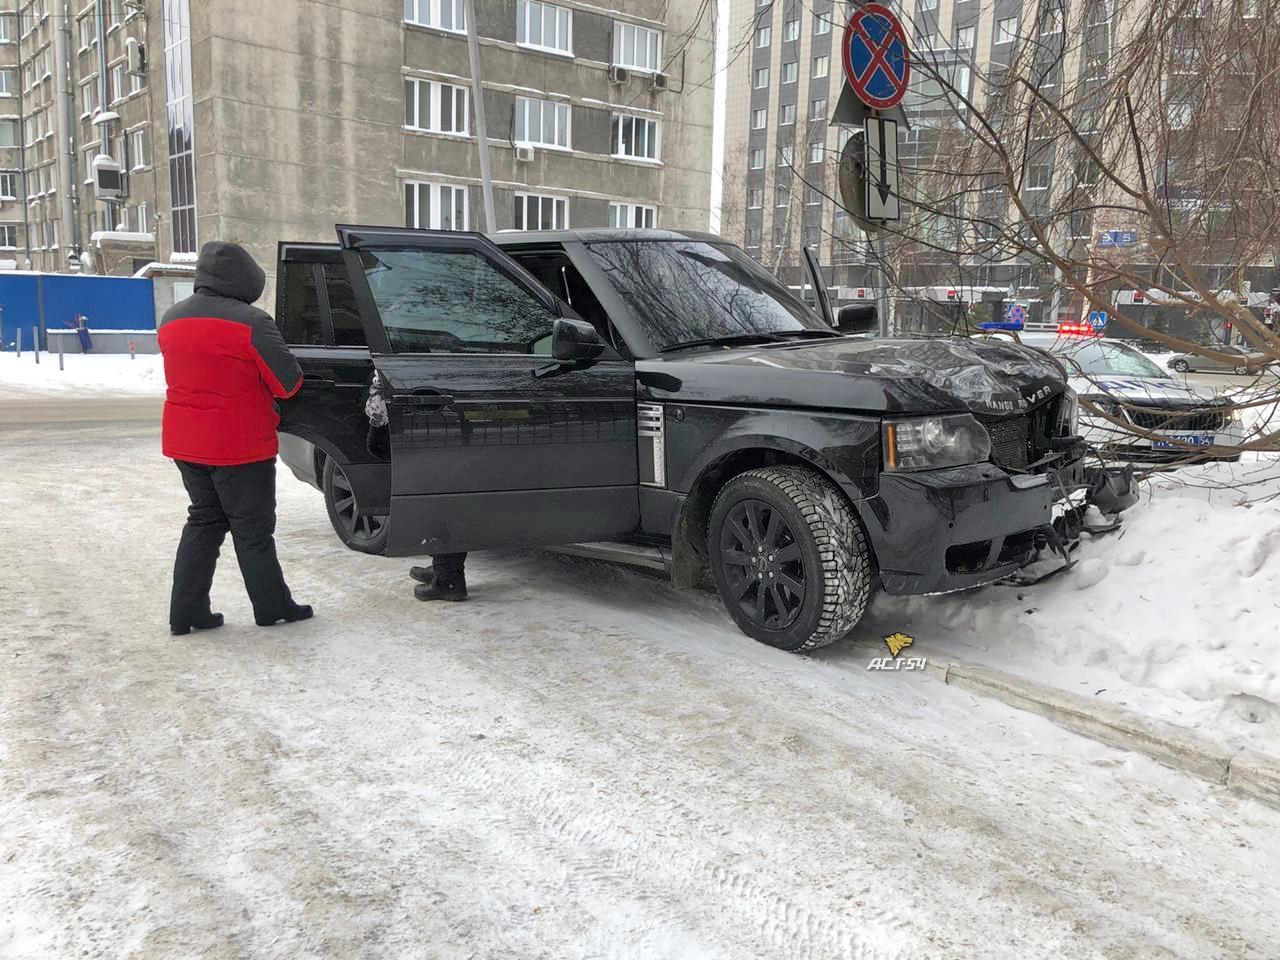 Фото Range Rover-убийца: все подробности смертельного ДТП в Новосибирске 3